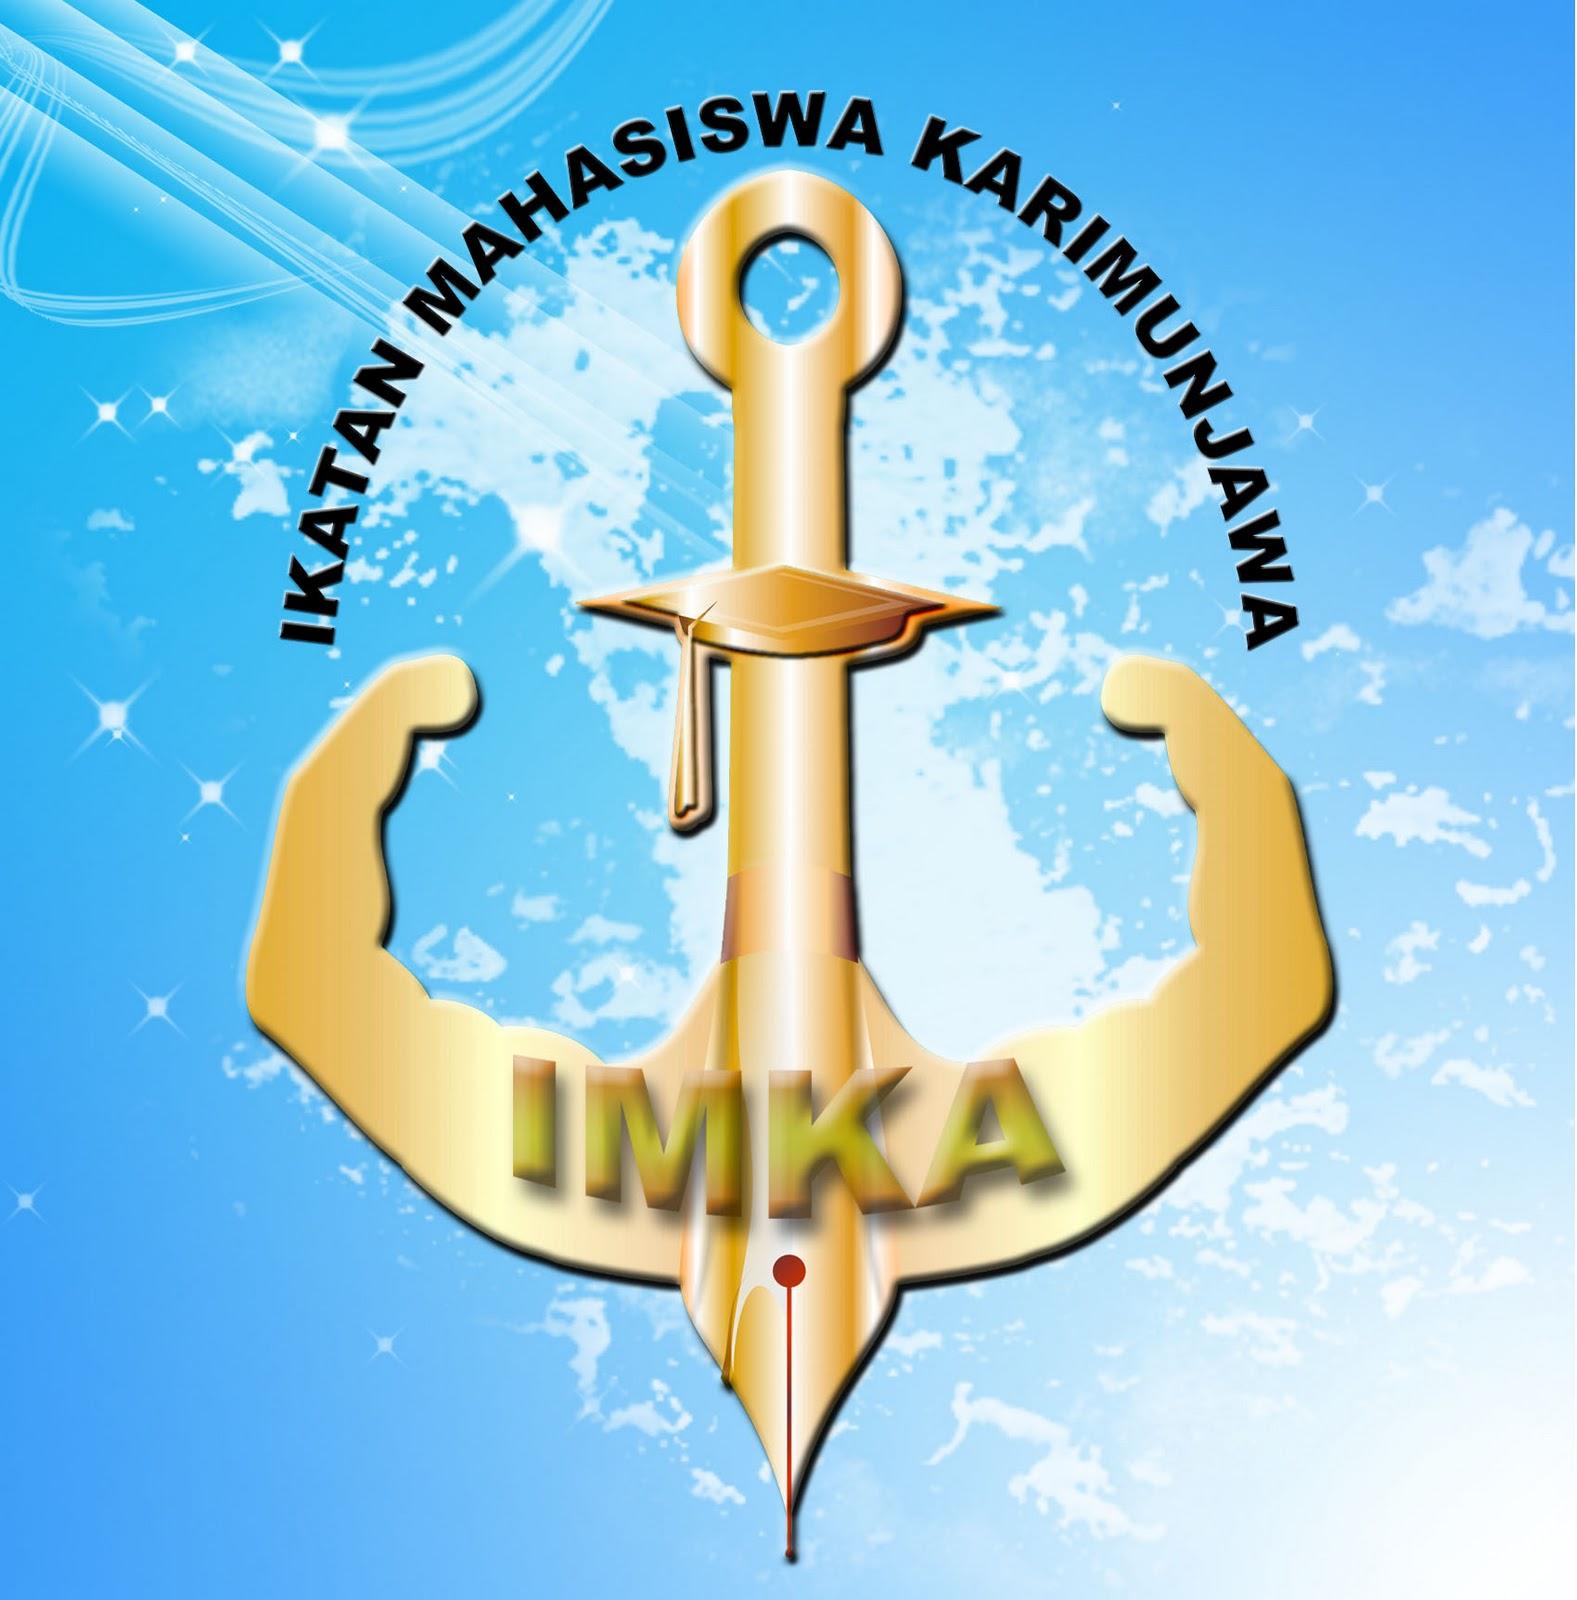 IMKA Ikatan Mahasiswa Karimunjawa LAMBANG